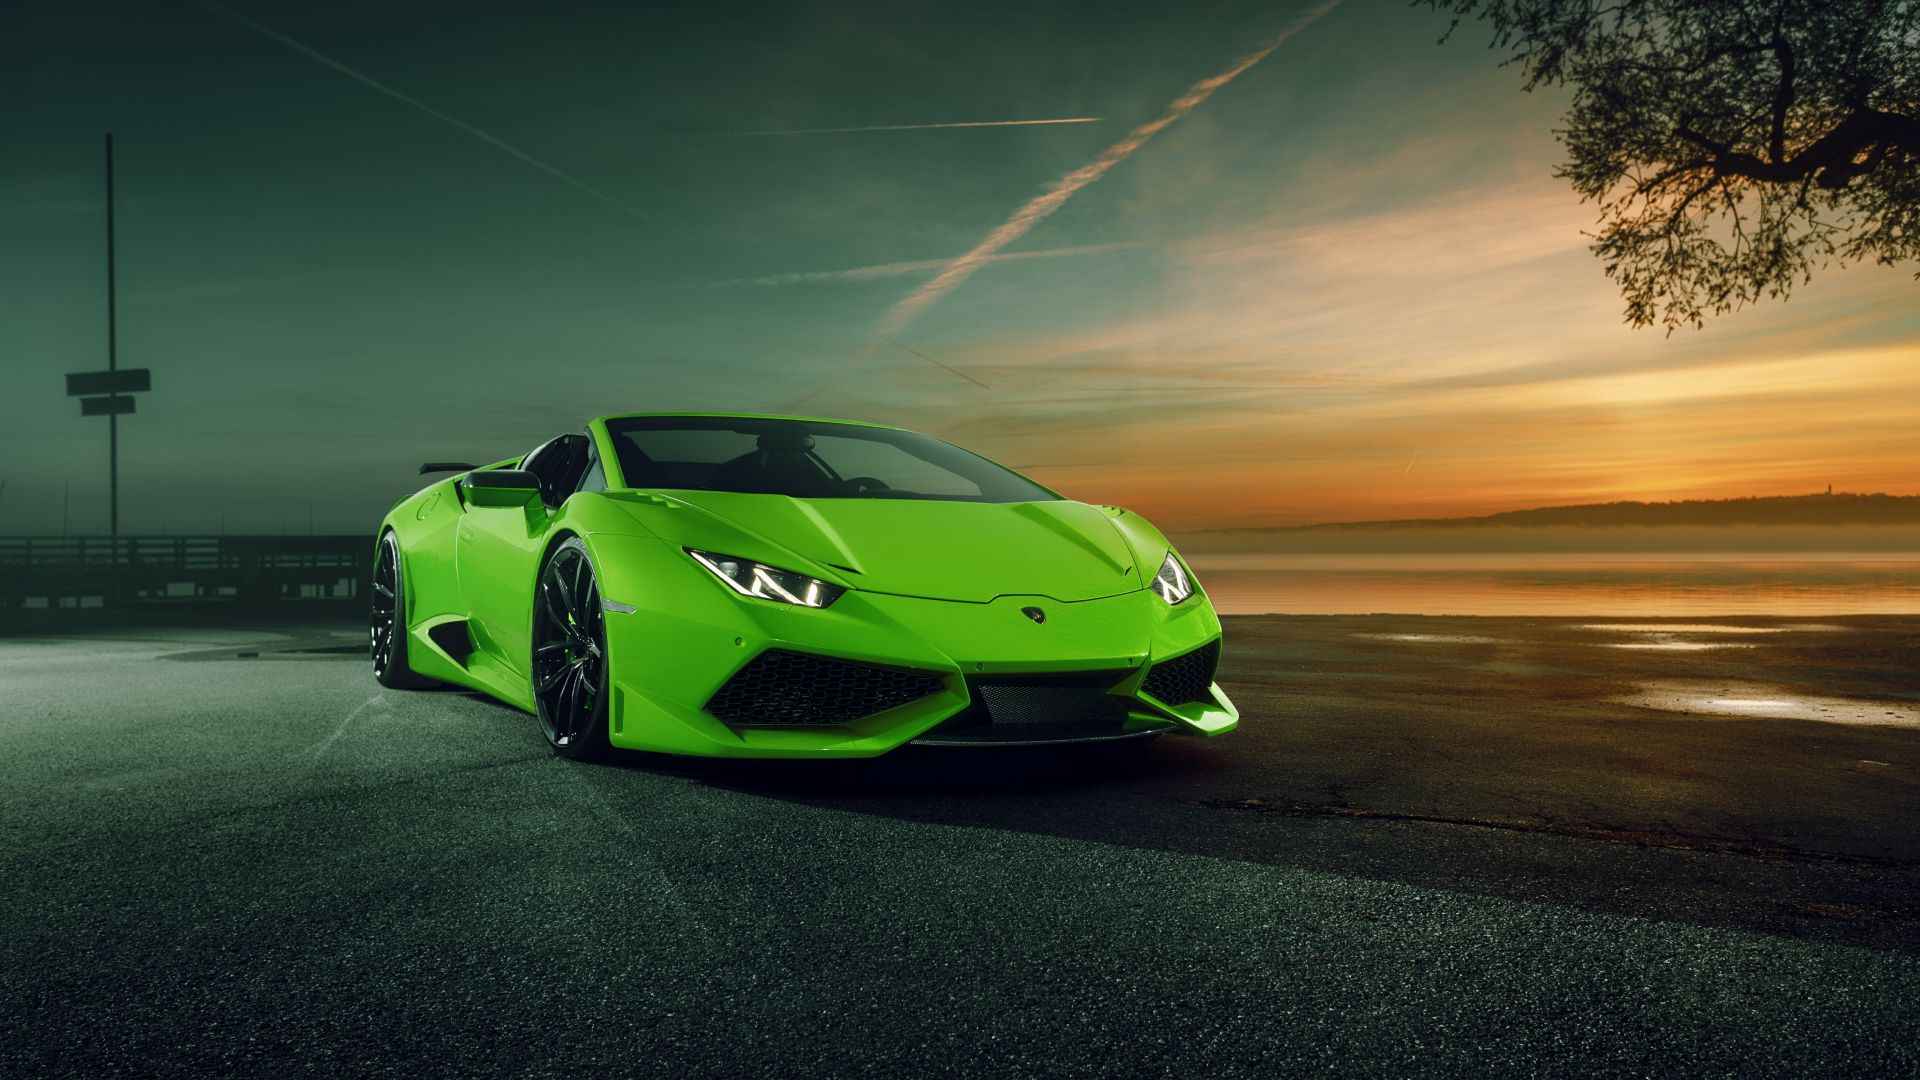 Wallpaper Green sports car, Lamborghini Huracan